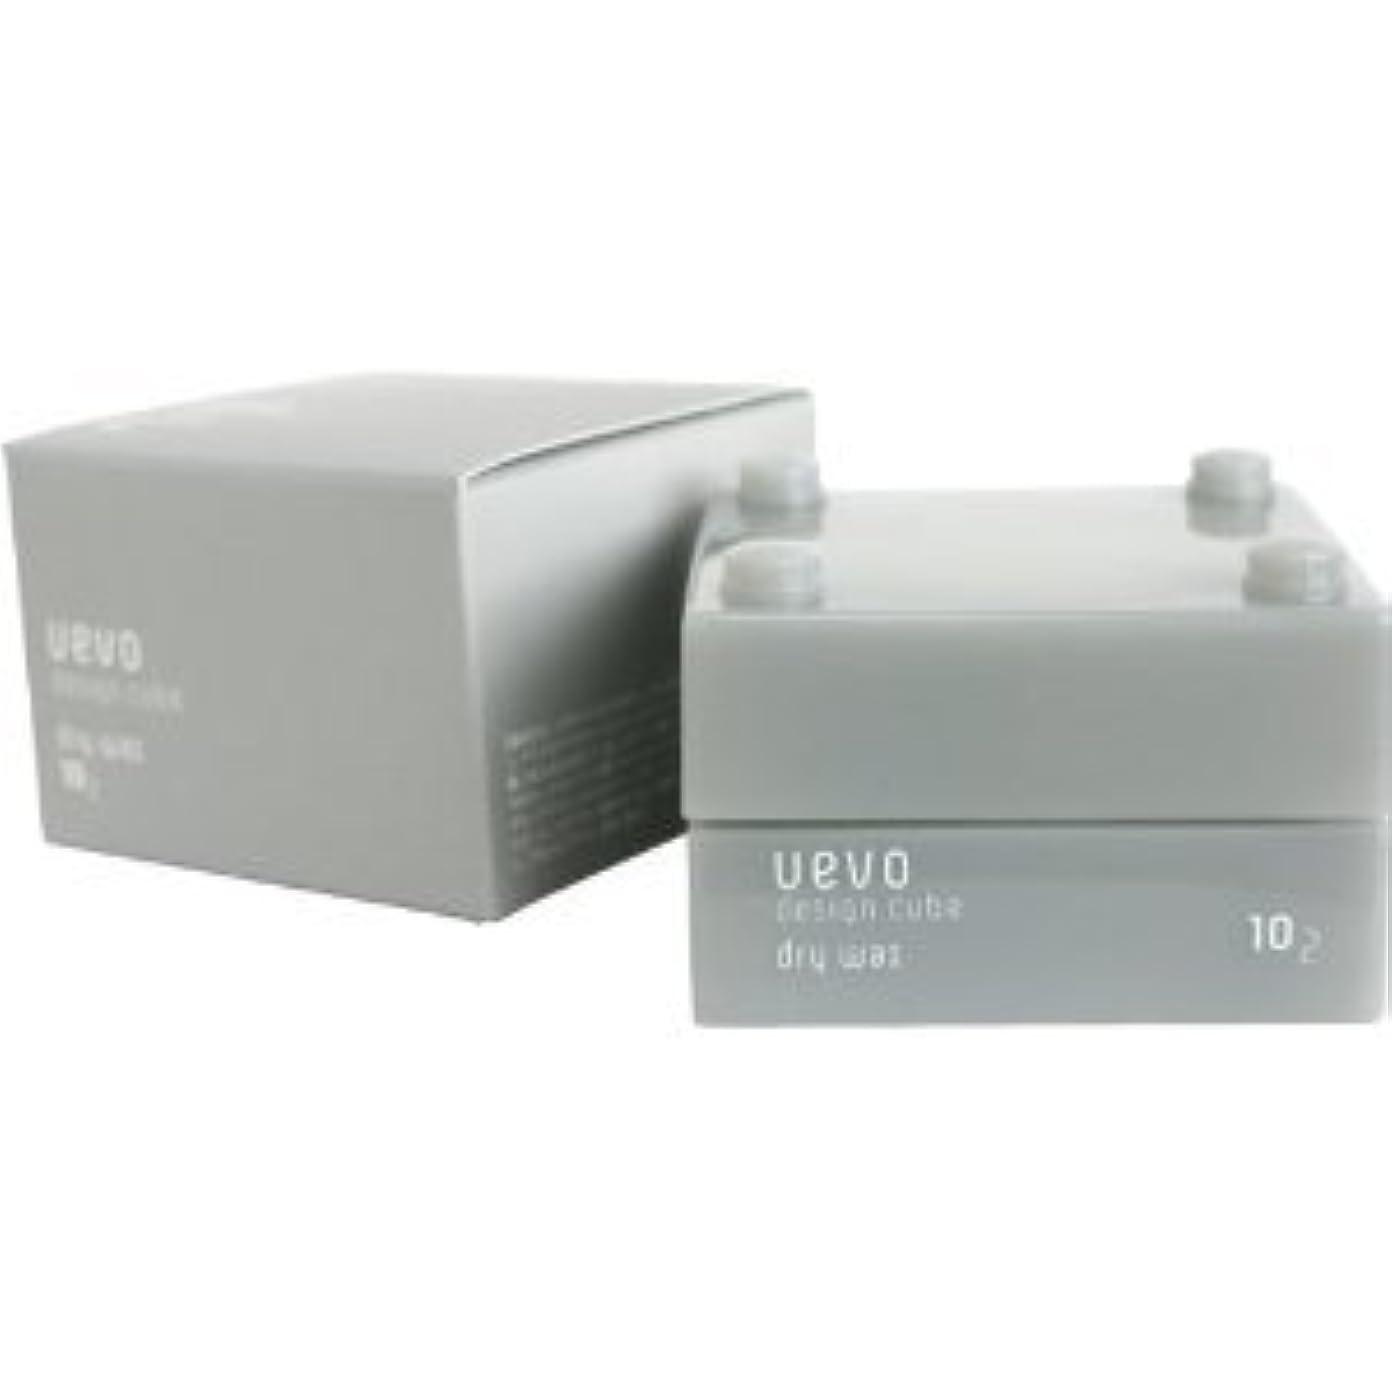 ハンバーガースケッチ昼寝【X2個セット】 デミ ウェーボ デザインキューブ ドライワックス 30g dry wax DEMI uevo design cube